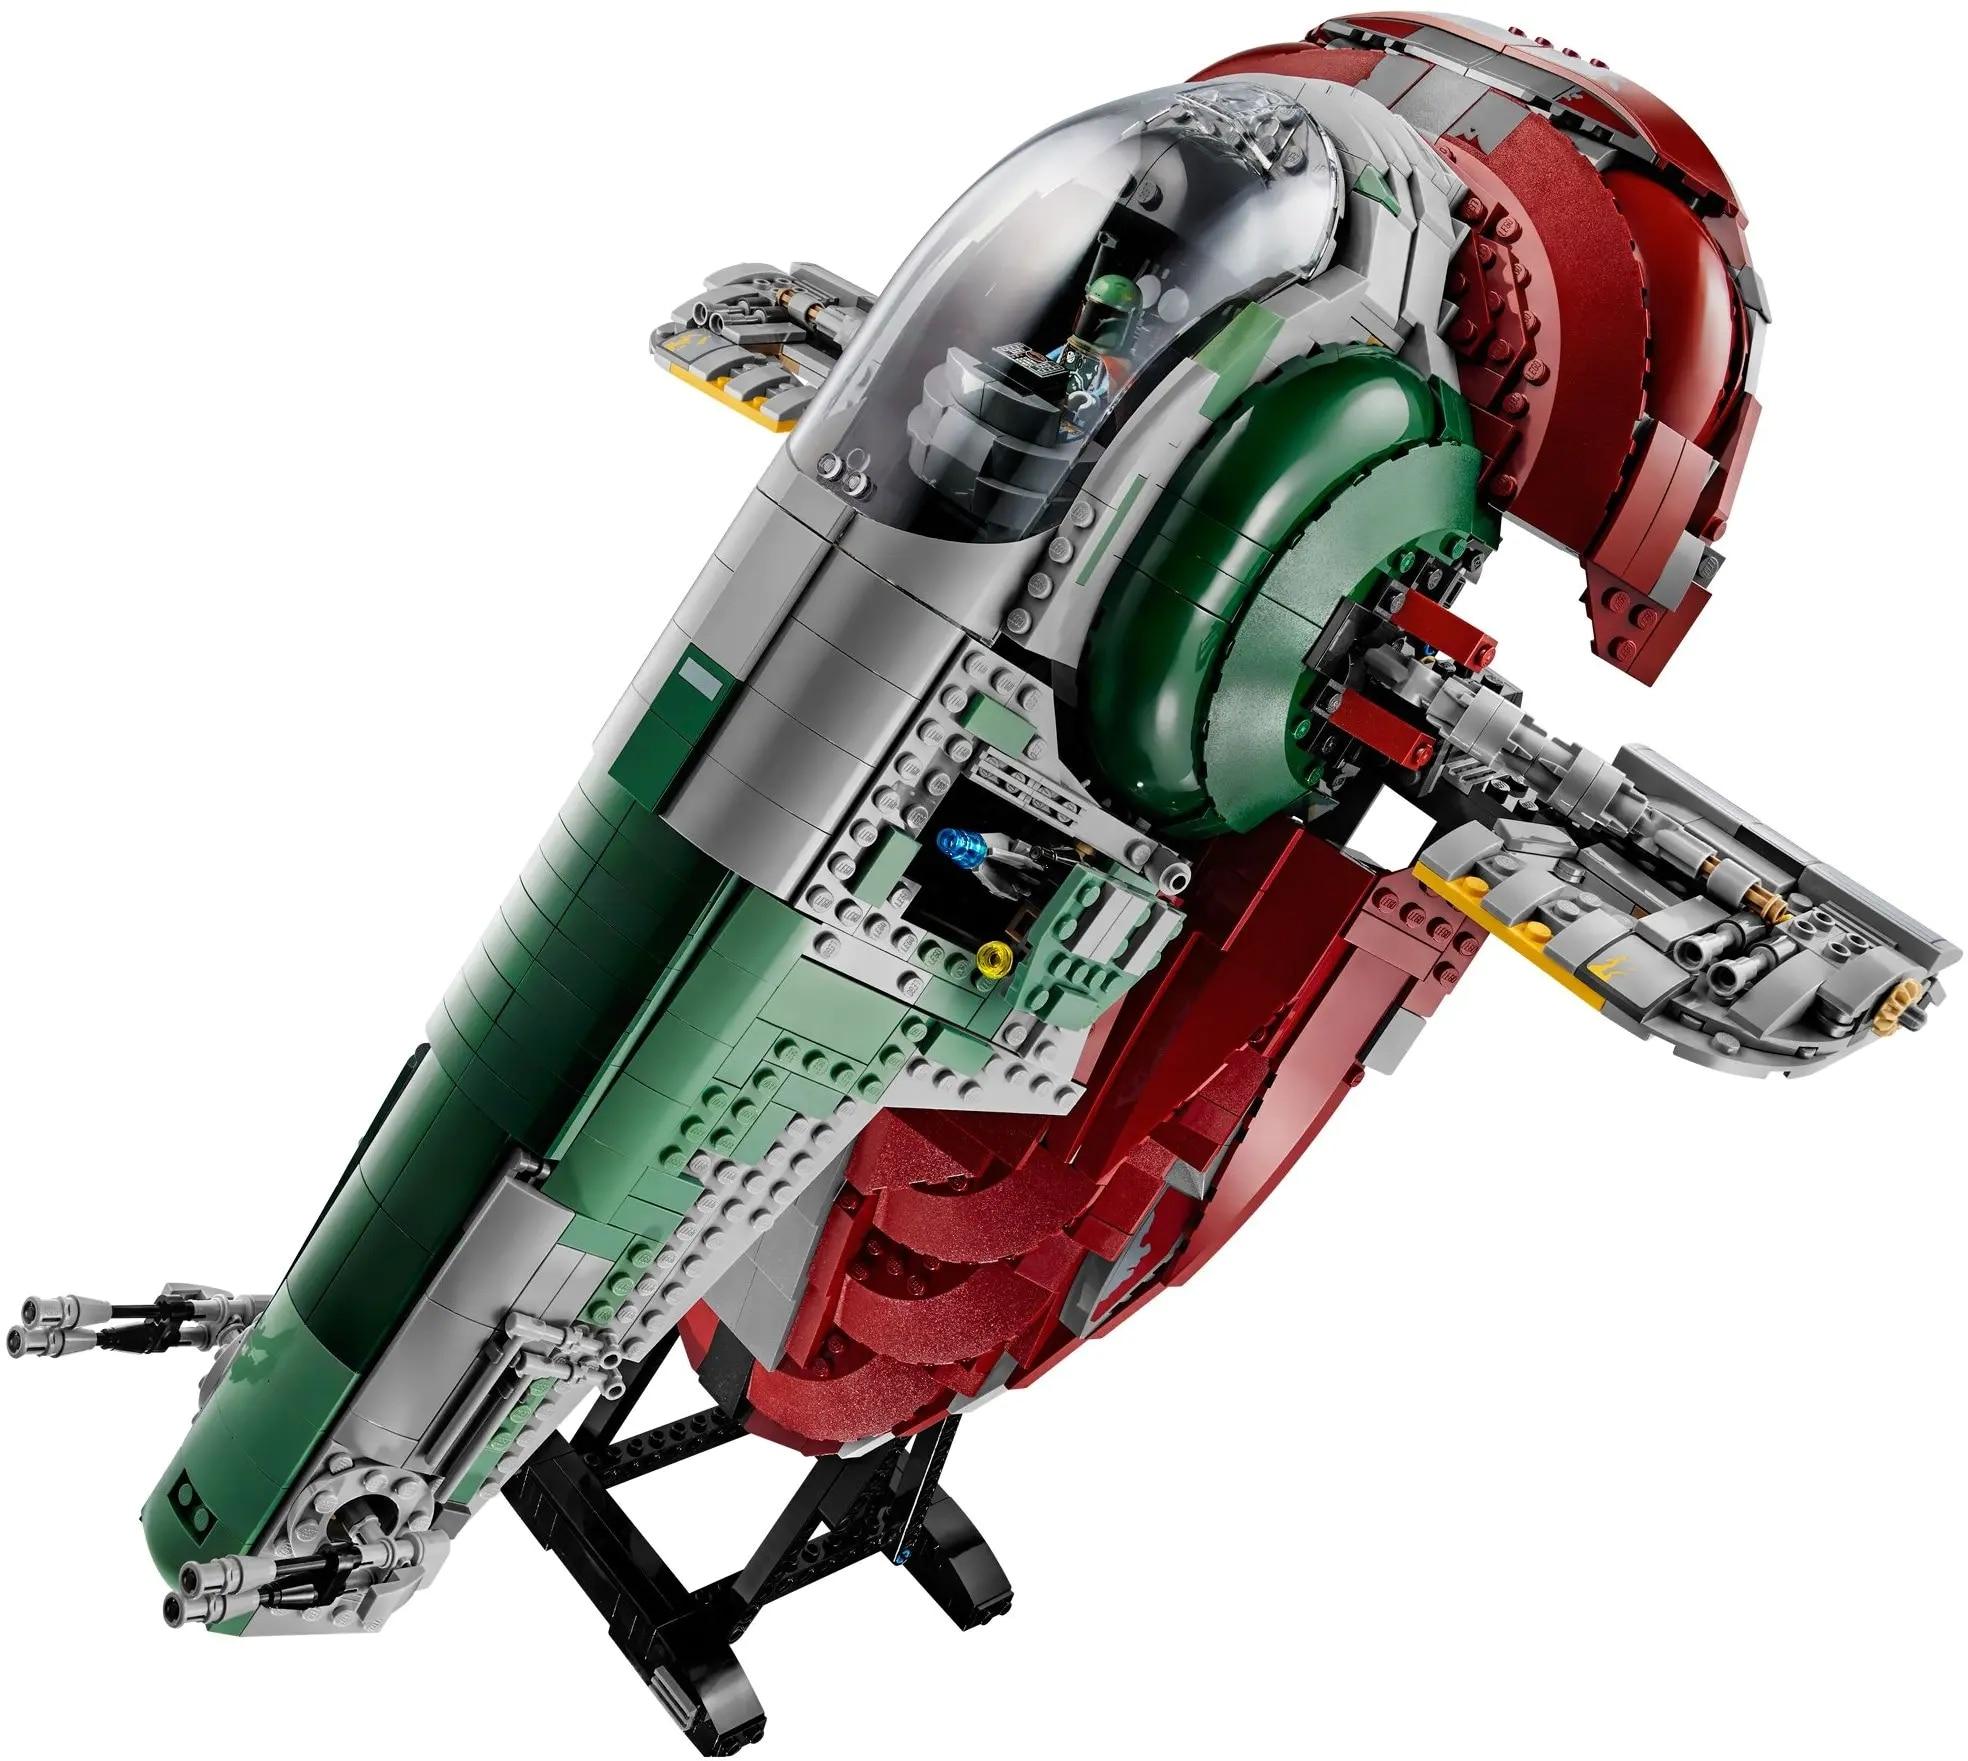 juego-de-bloques-de-construccion-modelo-slave-i-para-ninos-juguete-educativo-de-construccion-modelo-moc-2067-uds-movil-compatible-con-star-warlys